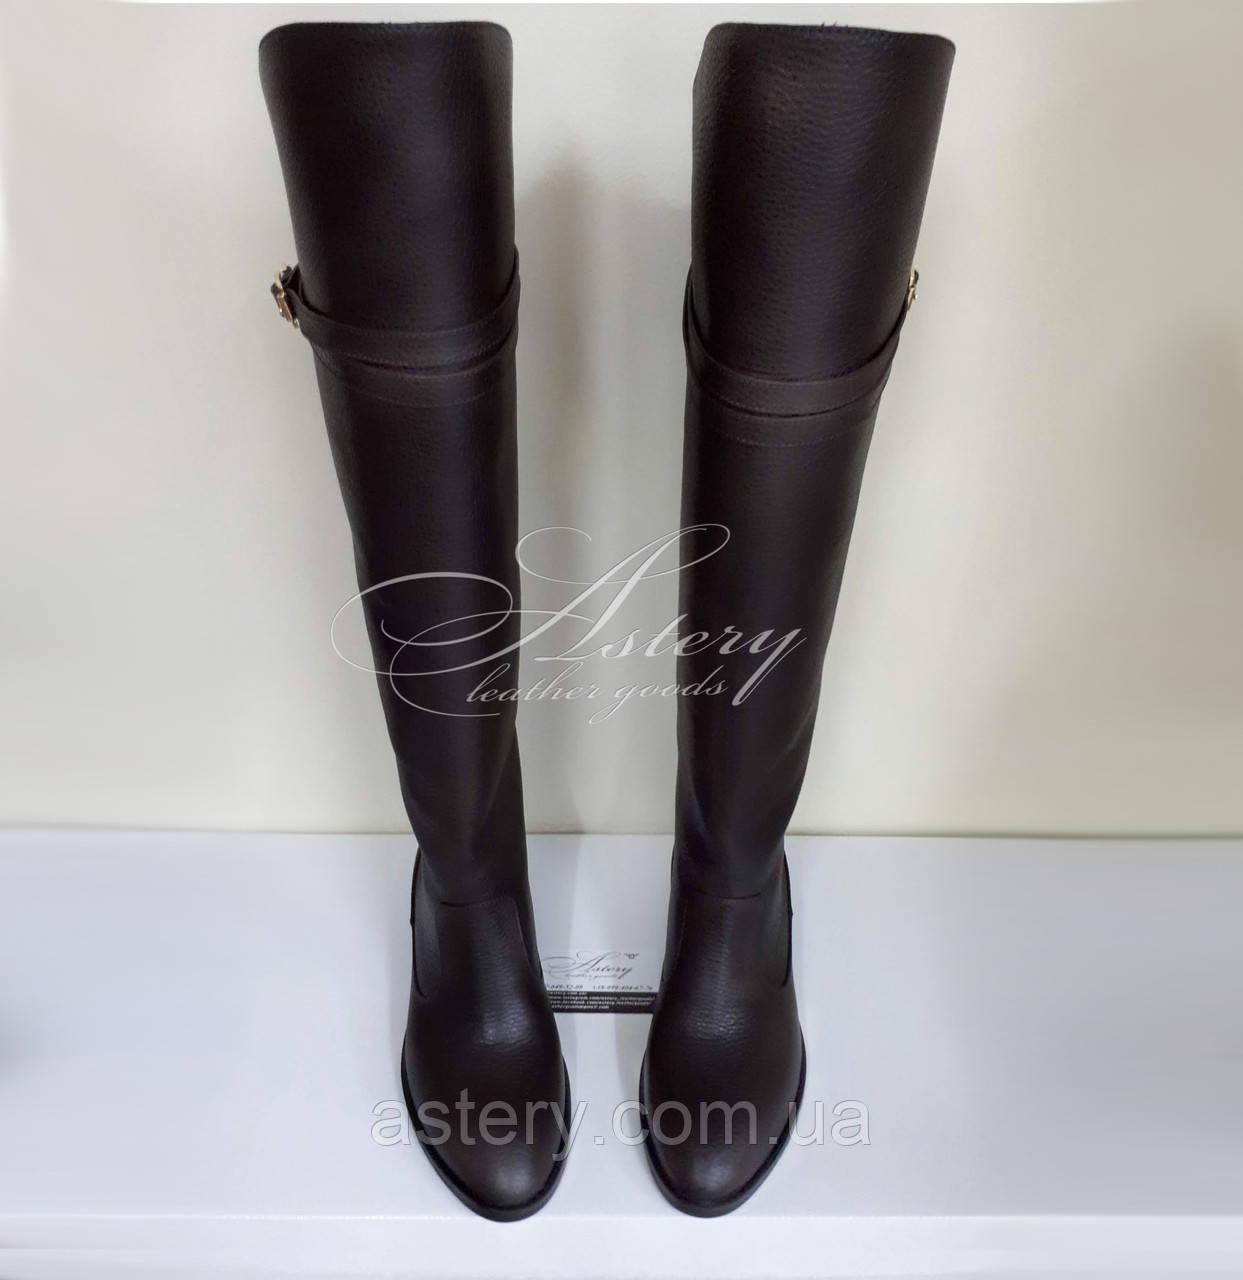 Жіночі коричневі шкіряні ботфорти на низькому ходу